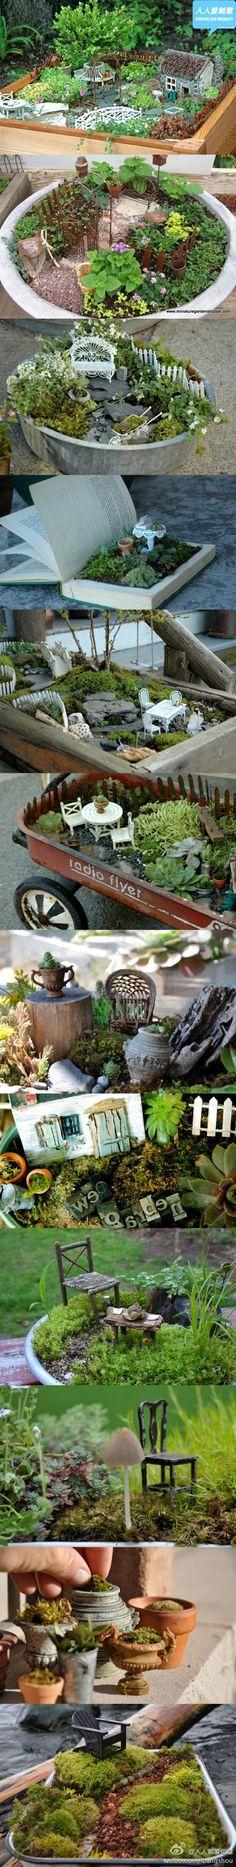 Will ich für meinen Garten